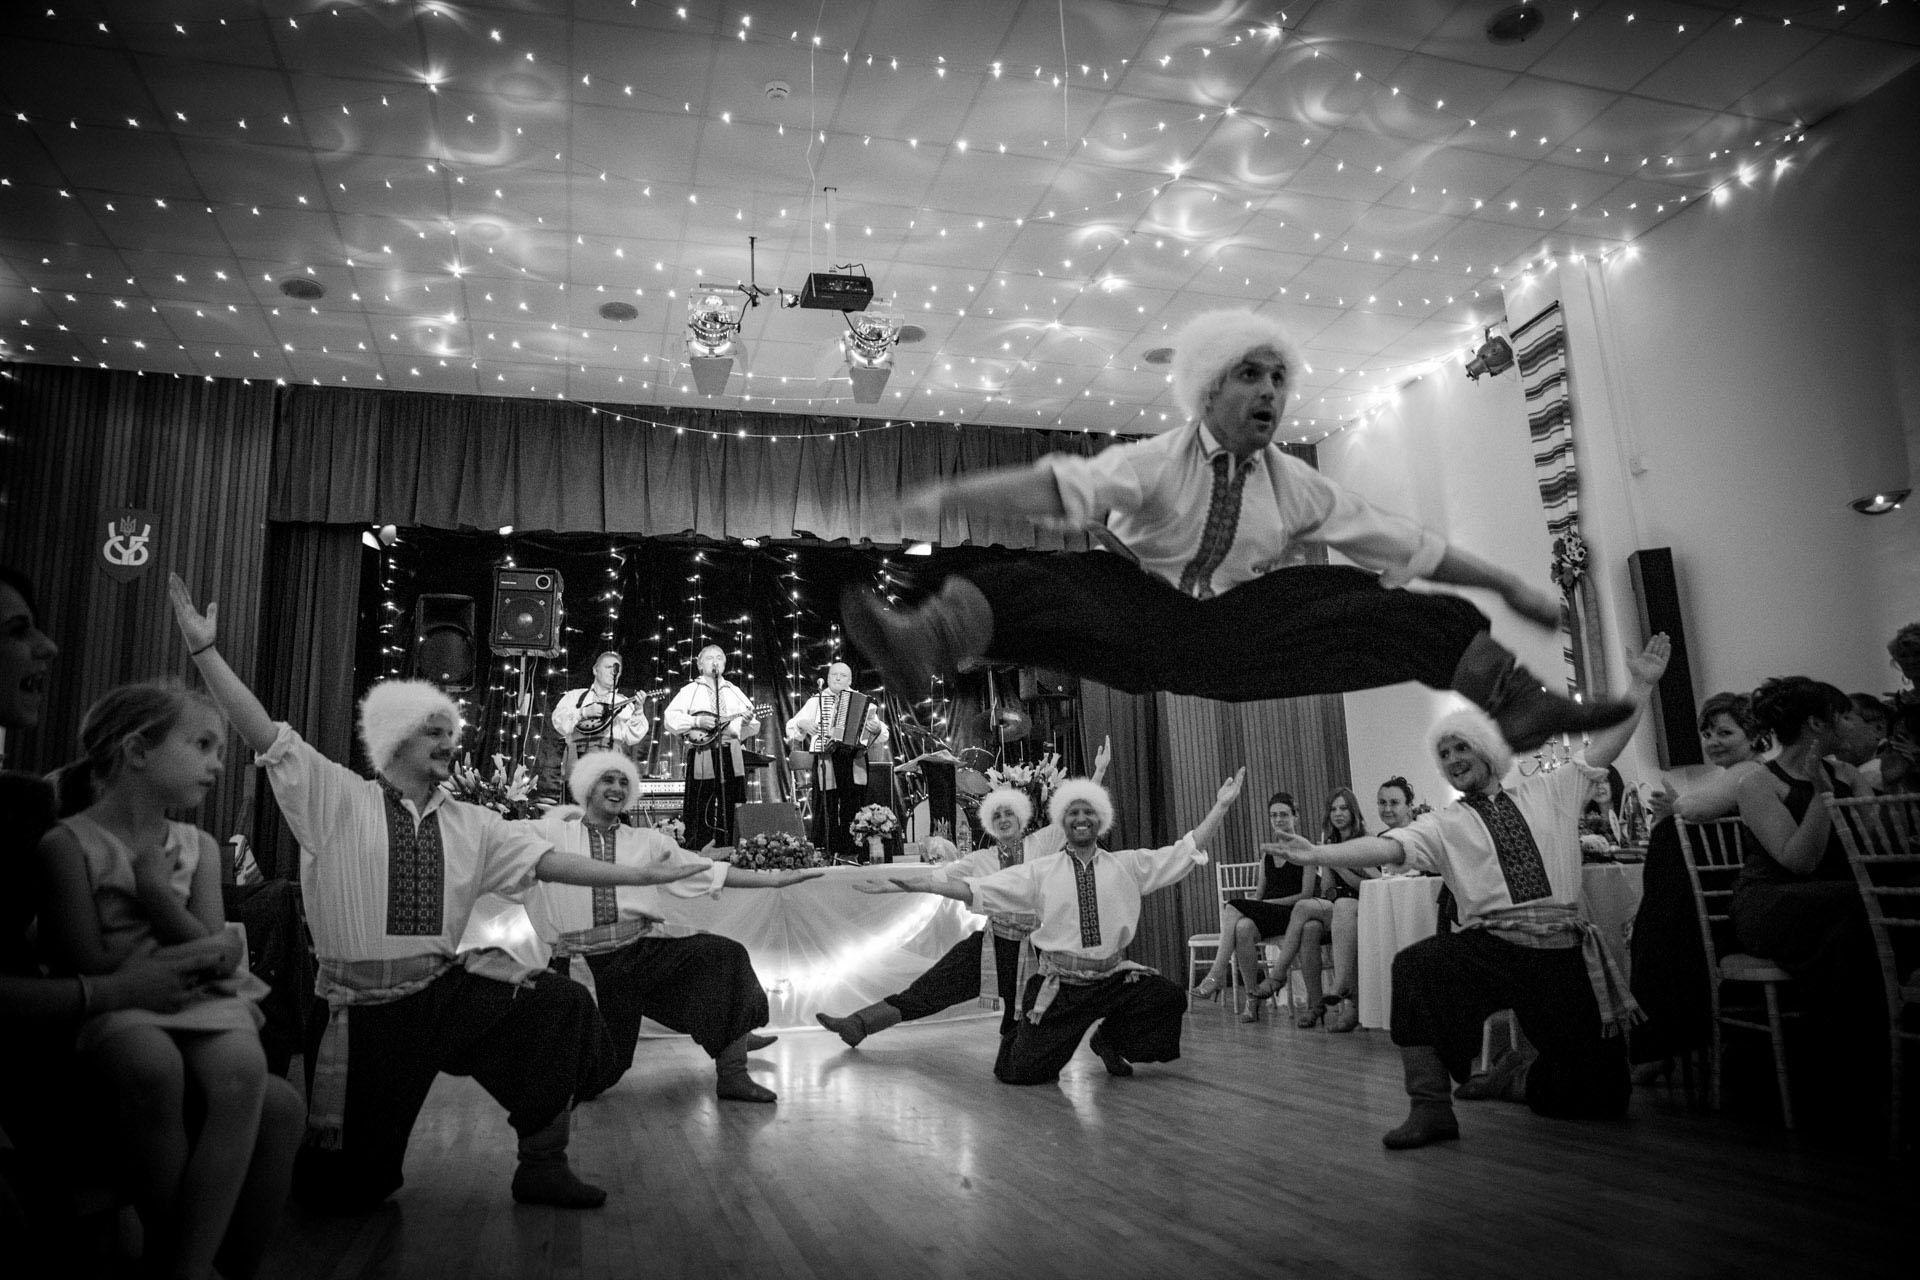 Hochzeitsreportage_Freiburg_Basel_Feier_London ukrainischer Tanz Hopak